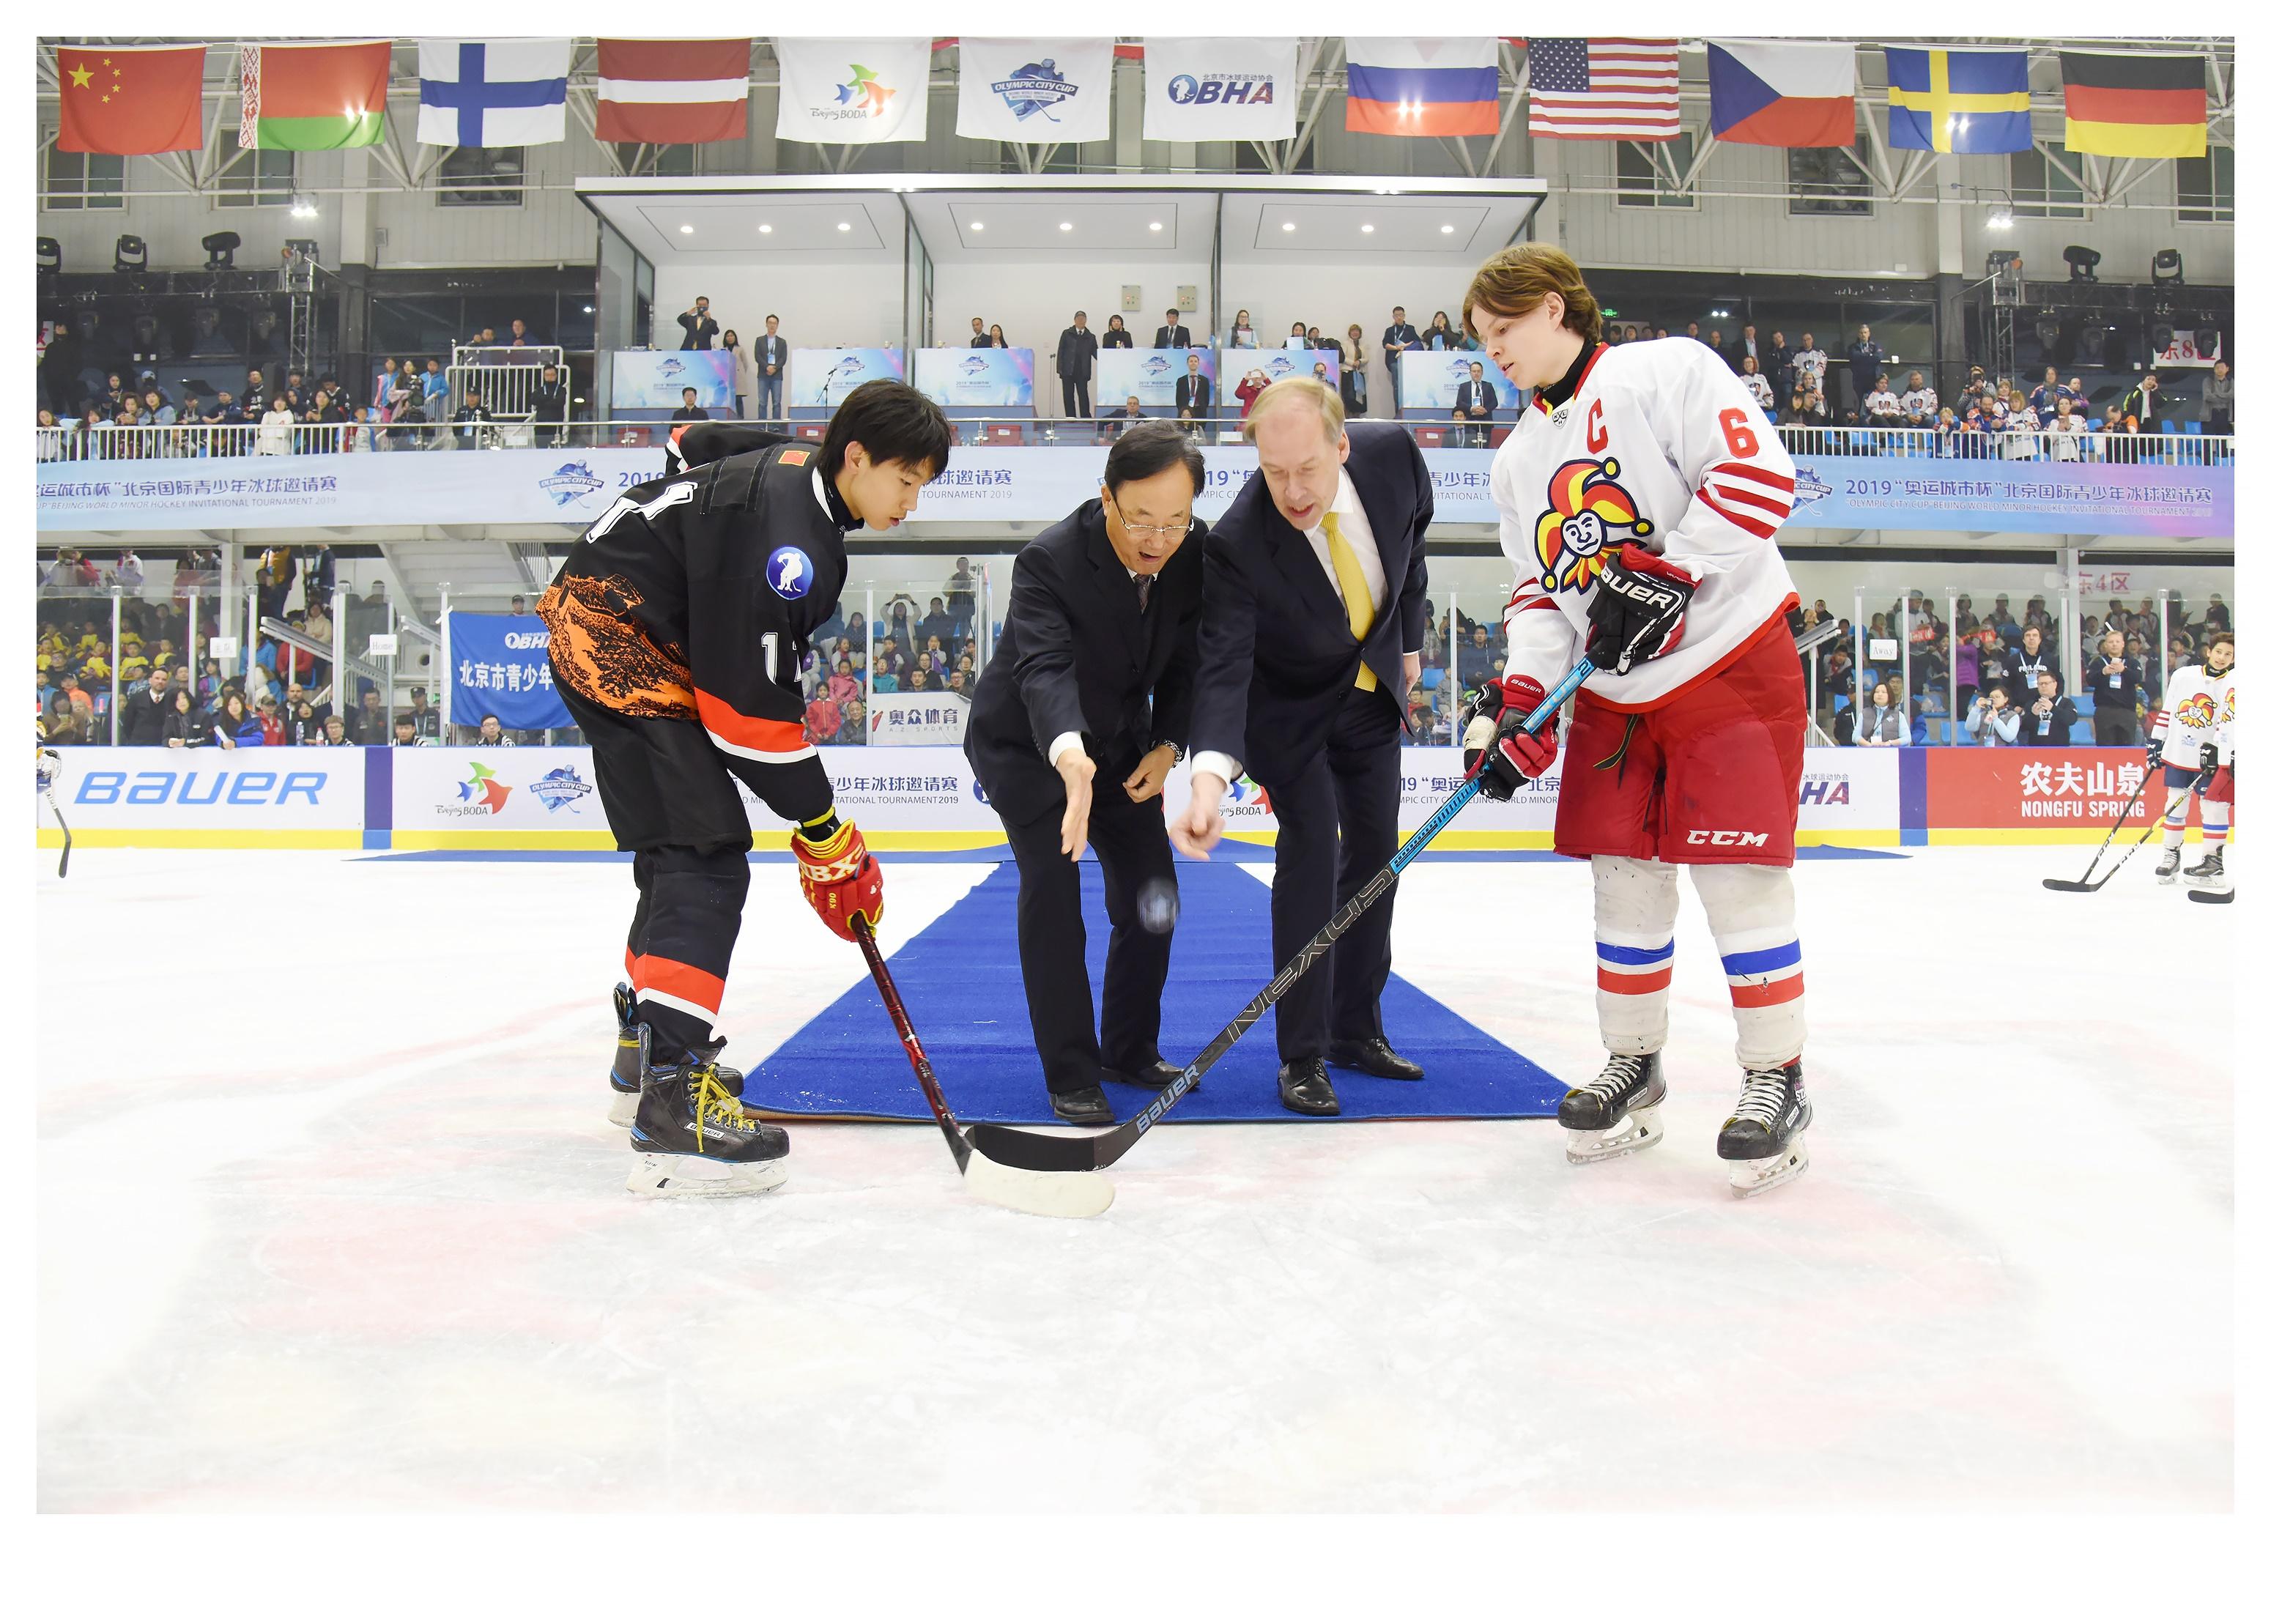 Vappuvapaiden aikana Pekingissä oli tarjolla huipputason juniorijääkiekkoa. Mukana olivat myös Jokerit ja Tappara Suomesta. Kuva: Beijing Ice Hockey Association.